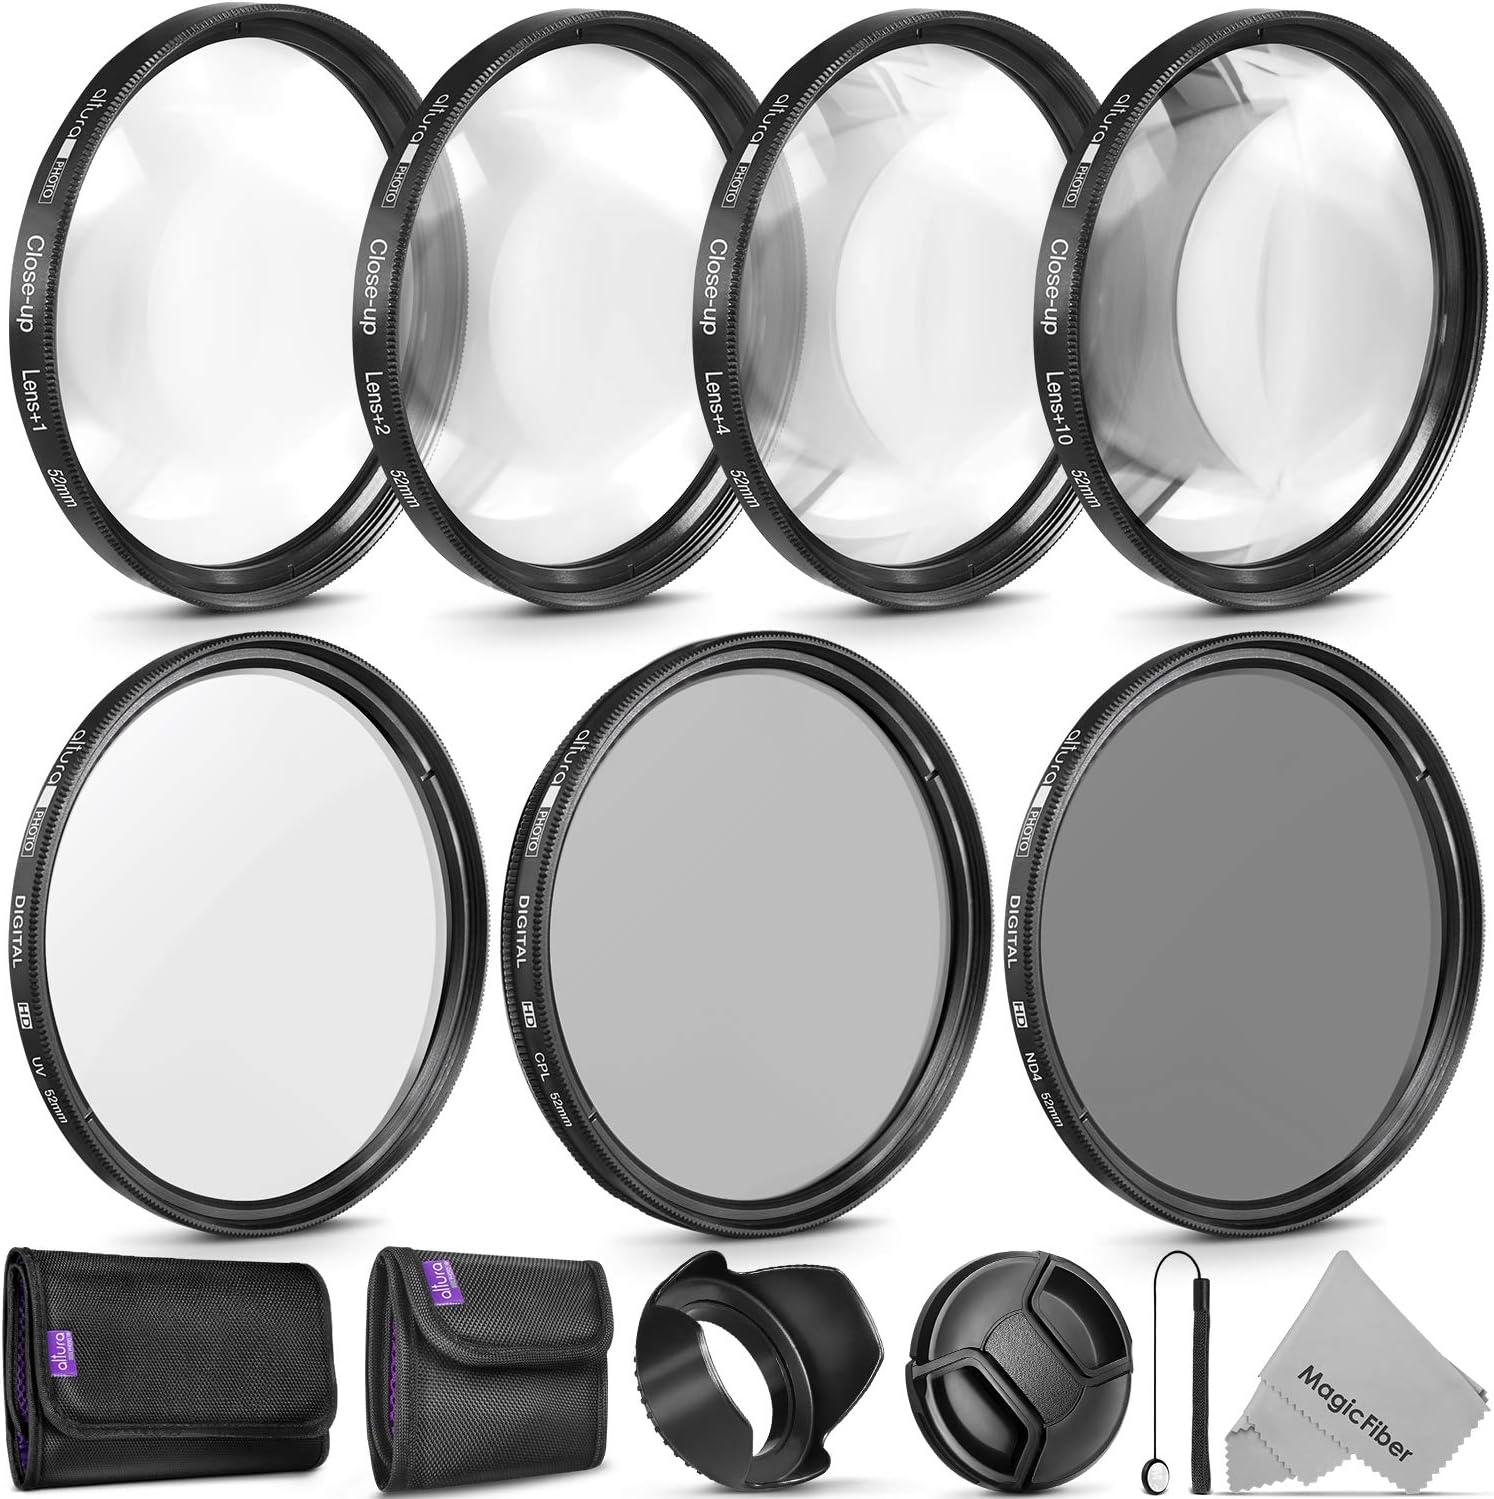 Upgraded Pro 52mm HD MC UV Filter Fits 52mm UV Filter 52 mm UV Filter Nikon AF Nikkor 28mm f//2.8D 52mm Ultraviolet Filter